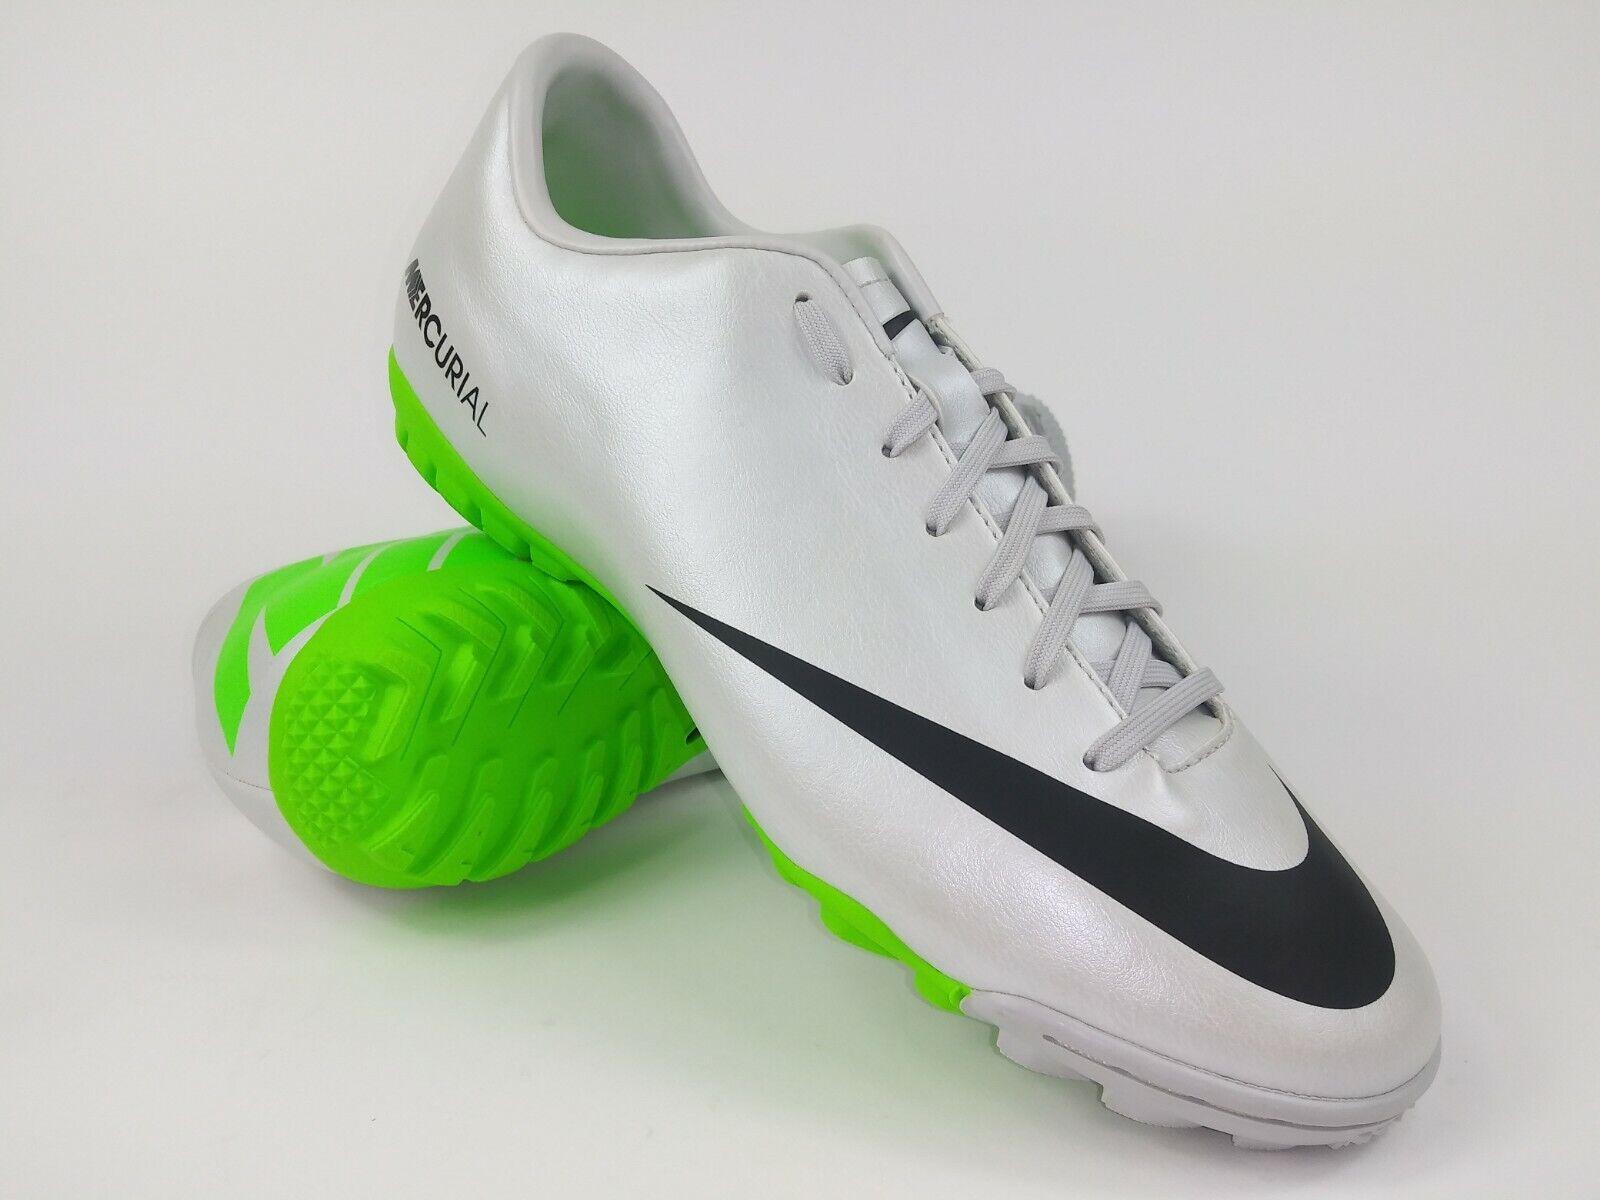 mizuno soccer shoes hong kong juego uruguay wikipedia online